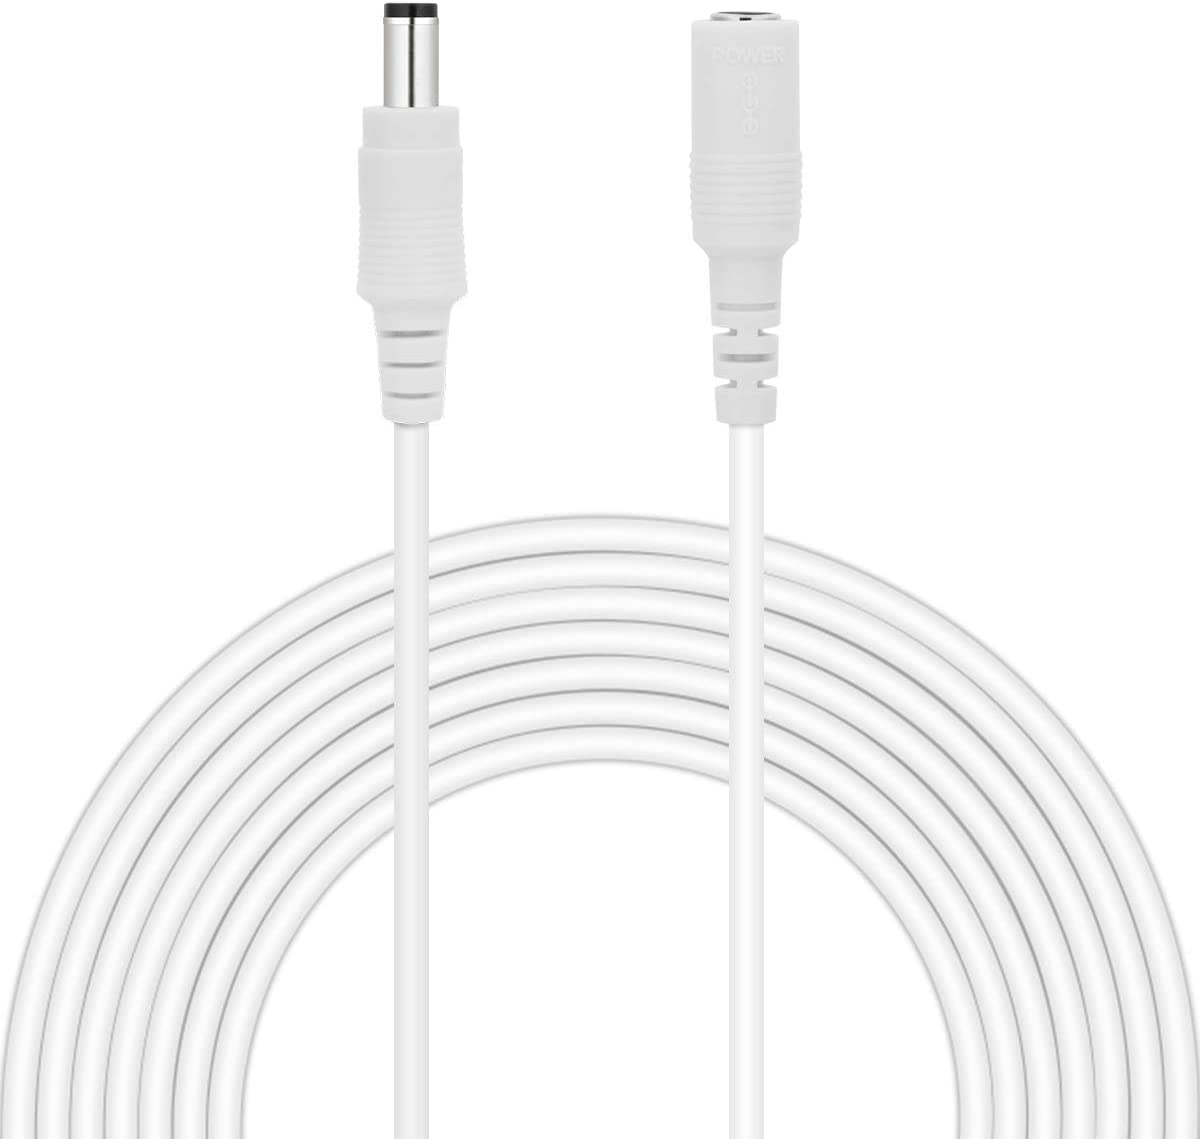 Dericam Cable de extensión de cargador de pared para adaptador de corriente de 6 metros, cable de extensión de CC de 12 voltios, tamaño de conector de 5.5x2.1 mm, 12V-6M, Blanco